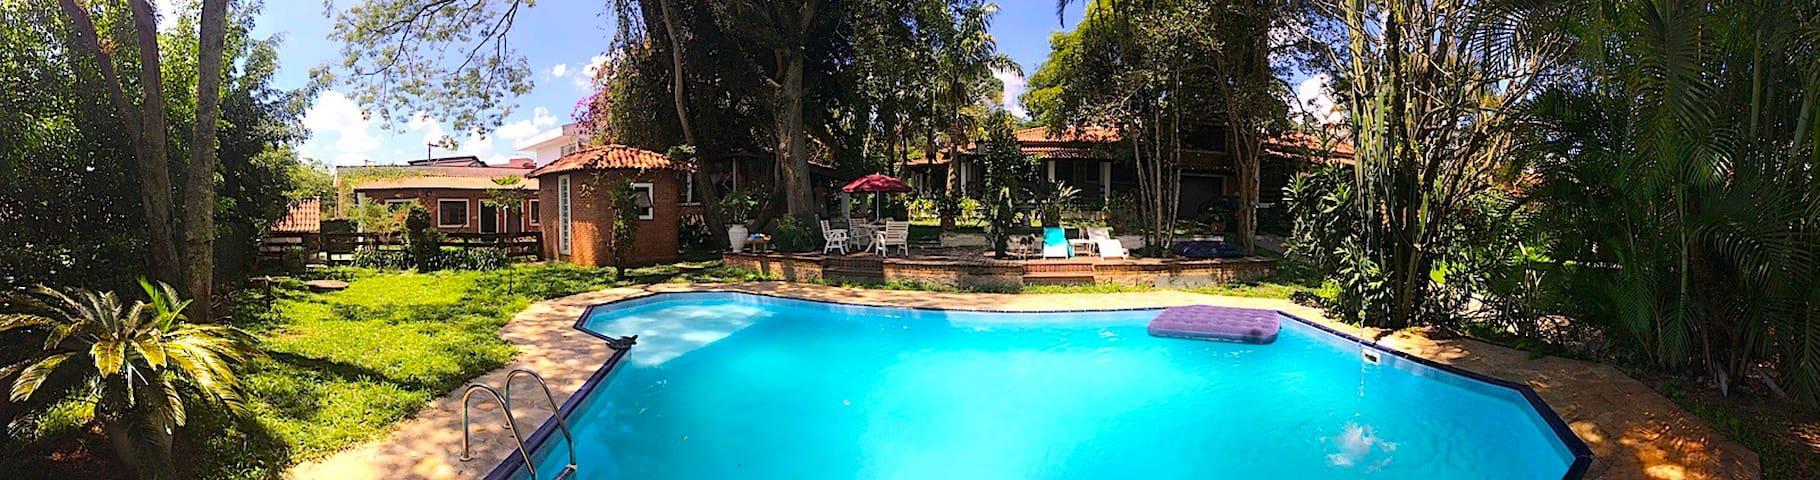 Locação p/ eventos e hospedagem - Ribeirão Pires - Dům